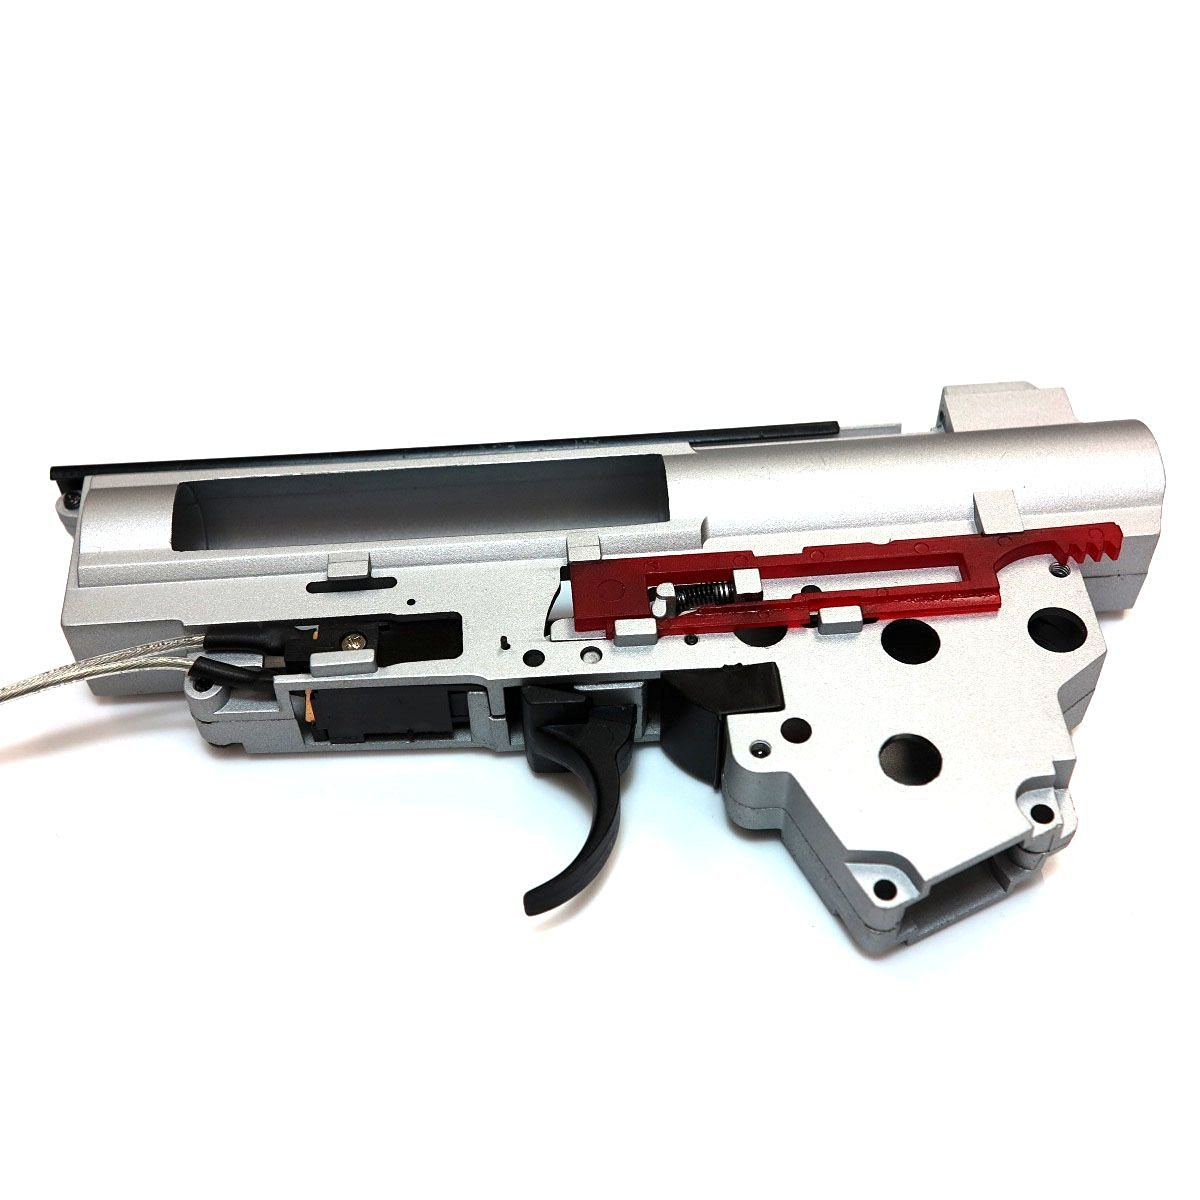 AEG Airsoft Wargame Shooting Gear Army Force QD Transform 8mm AK AEG GearBox Version 3 Rear Line